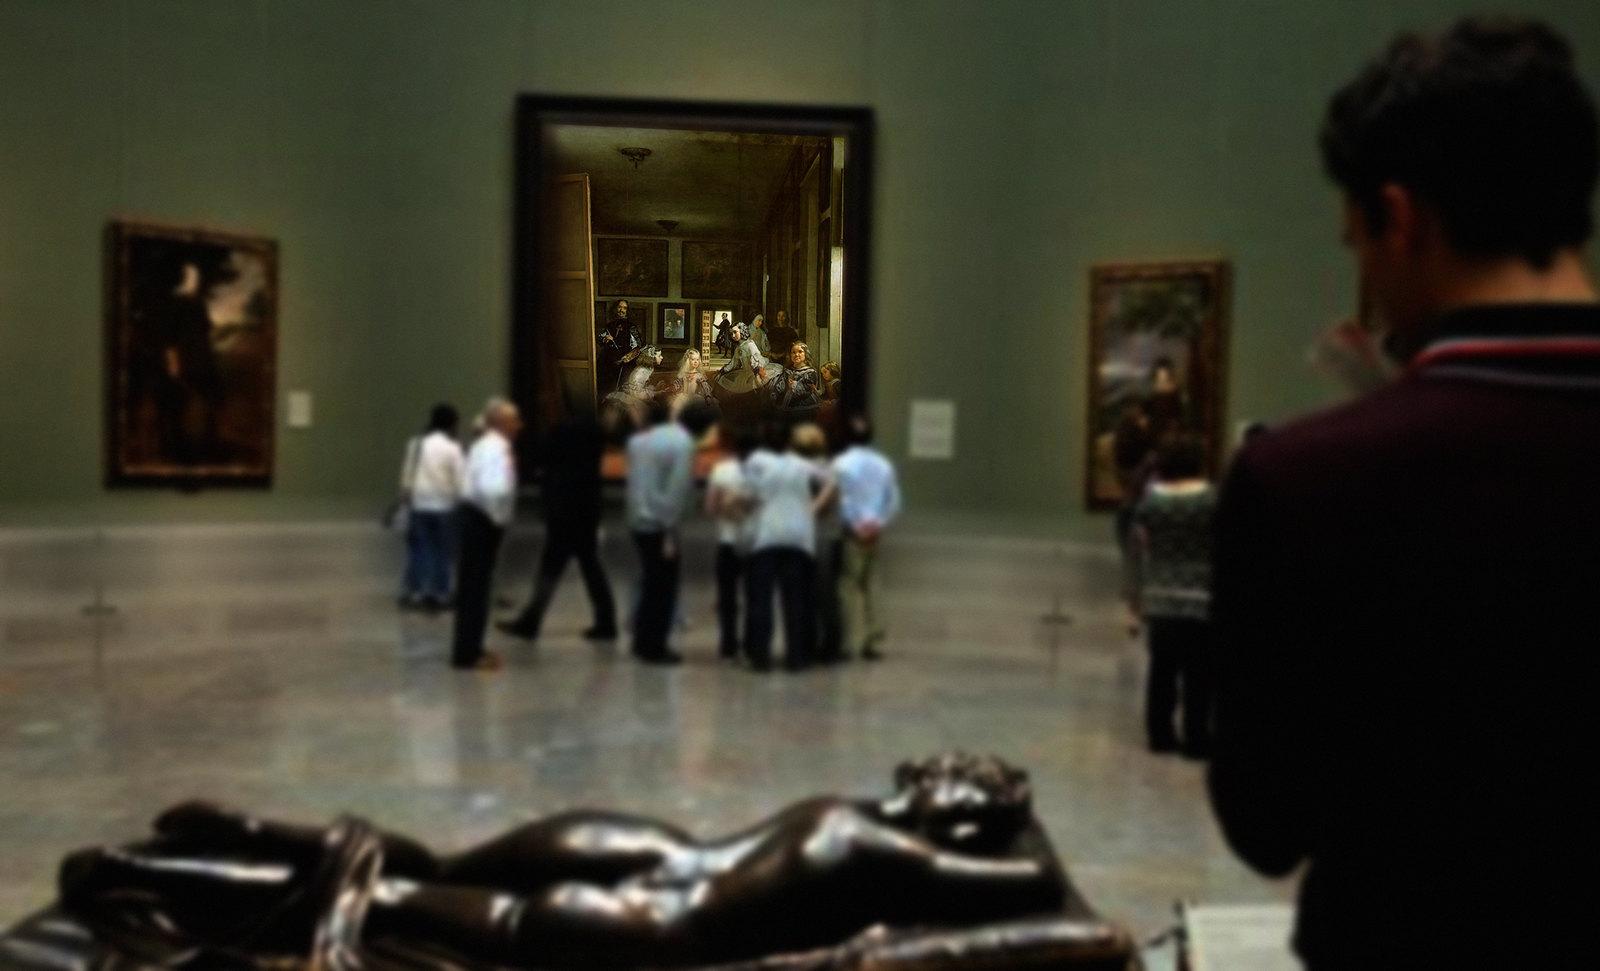 Meninas, iconósfera de Diego Velazquez (1656), estudio de Francisco de Goya y Lucientes (1778), paráfrasis y versiones Pablo Picasso (1957).